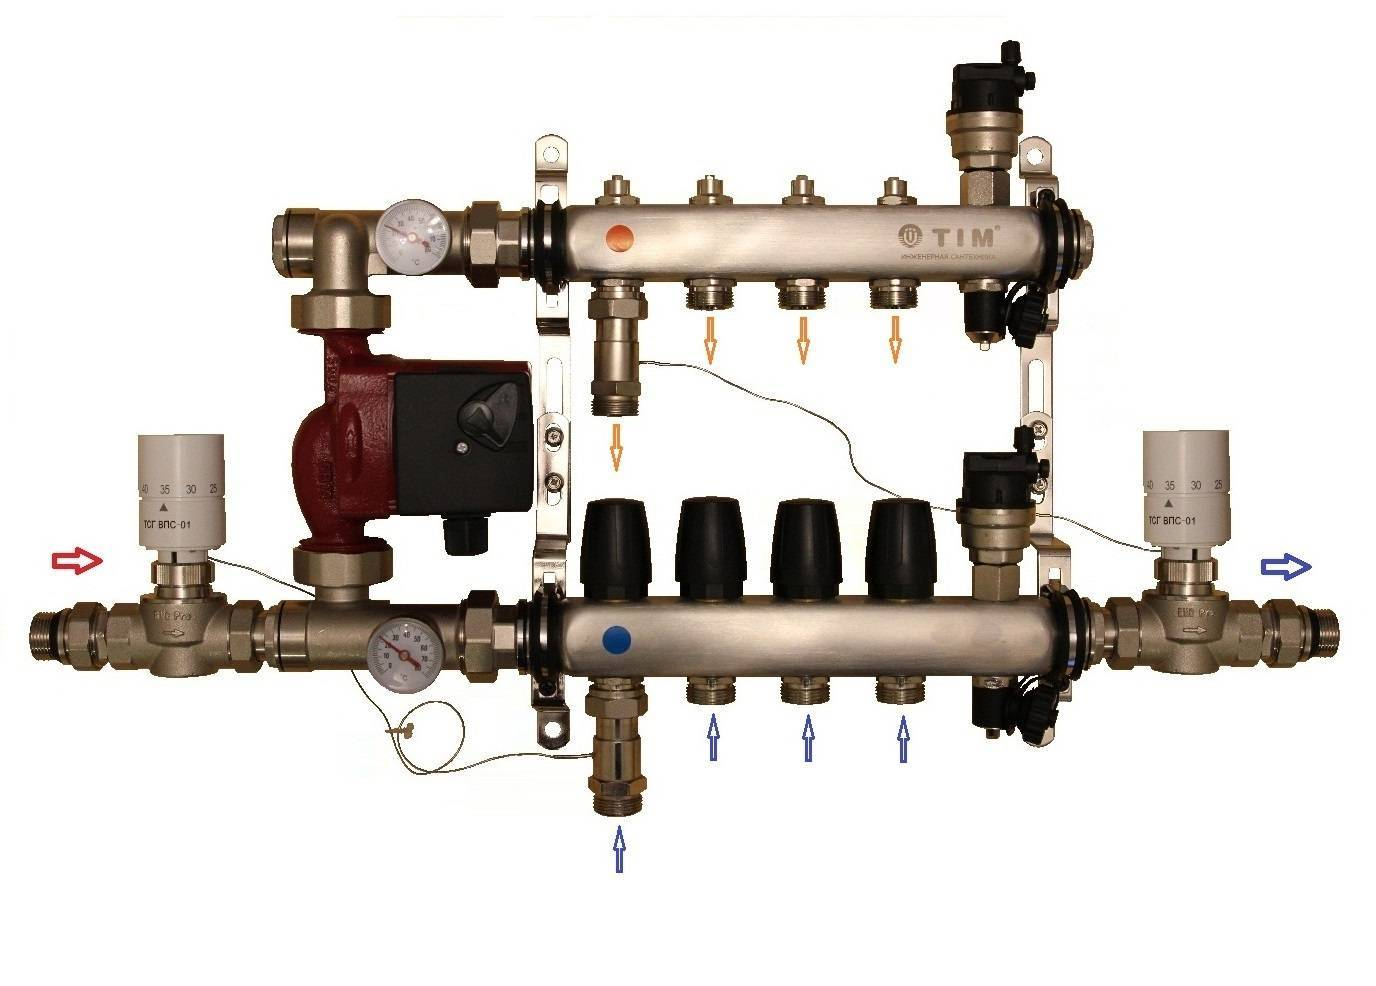 Валтек теплый пол схема подключения – технология монтажа водяного теплого пола